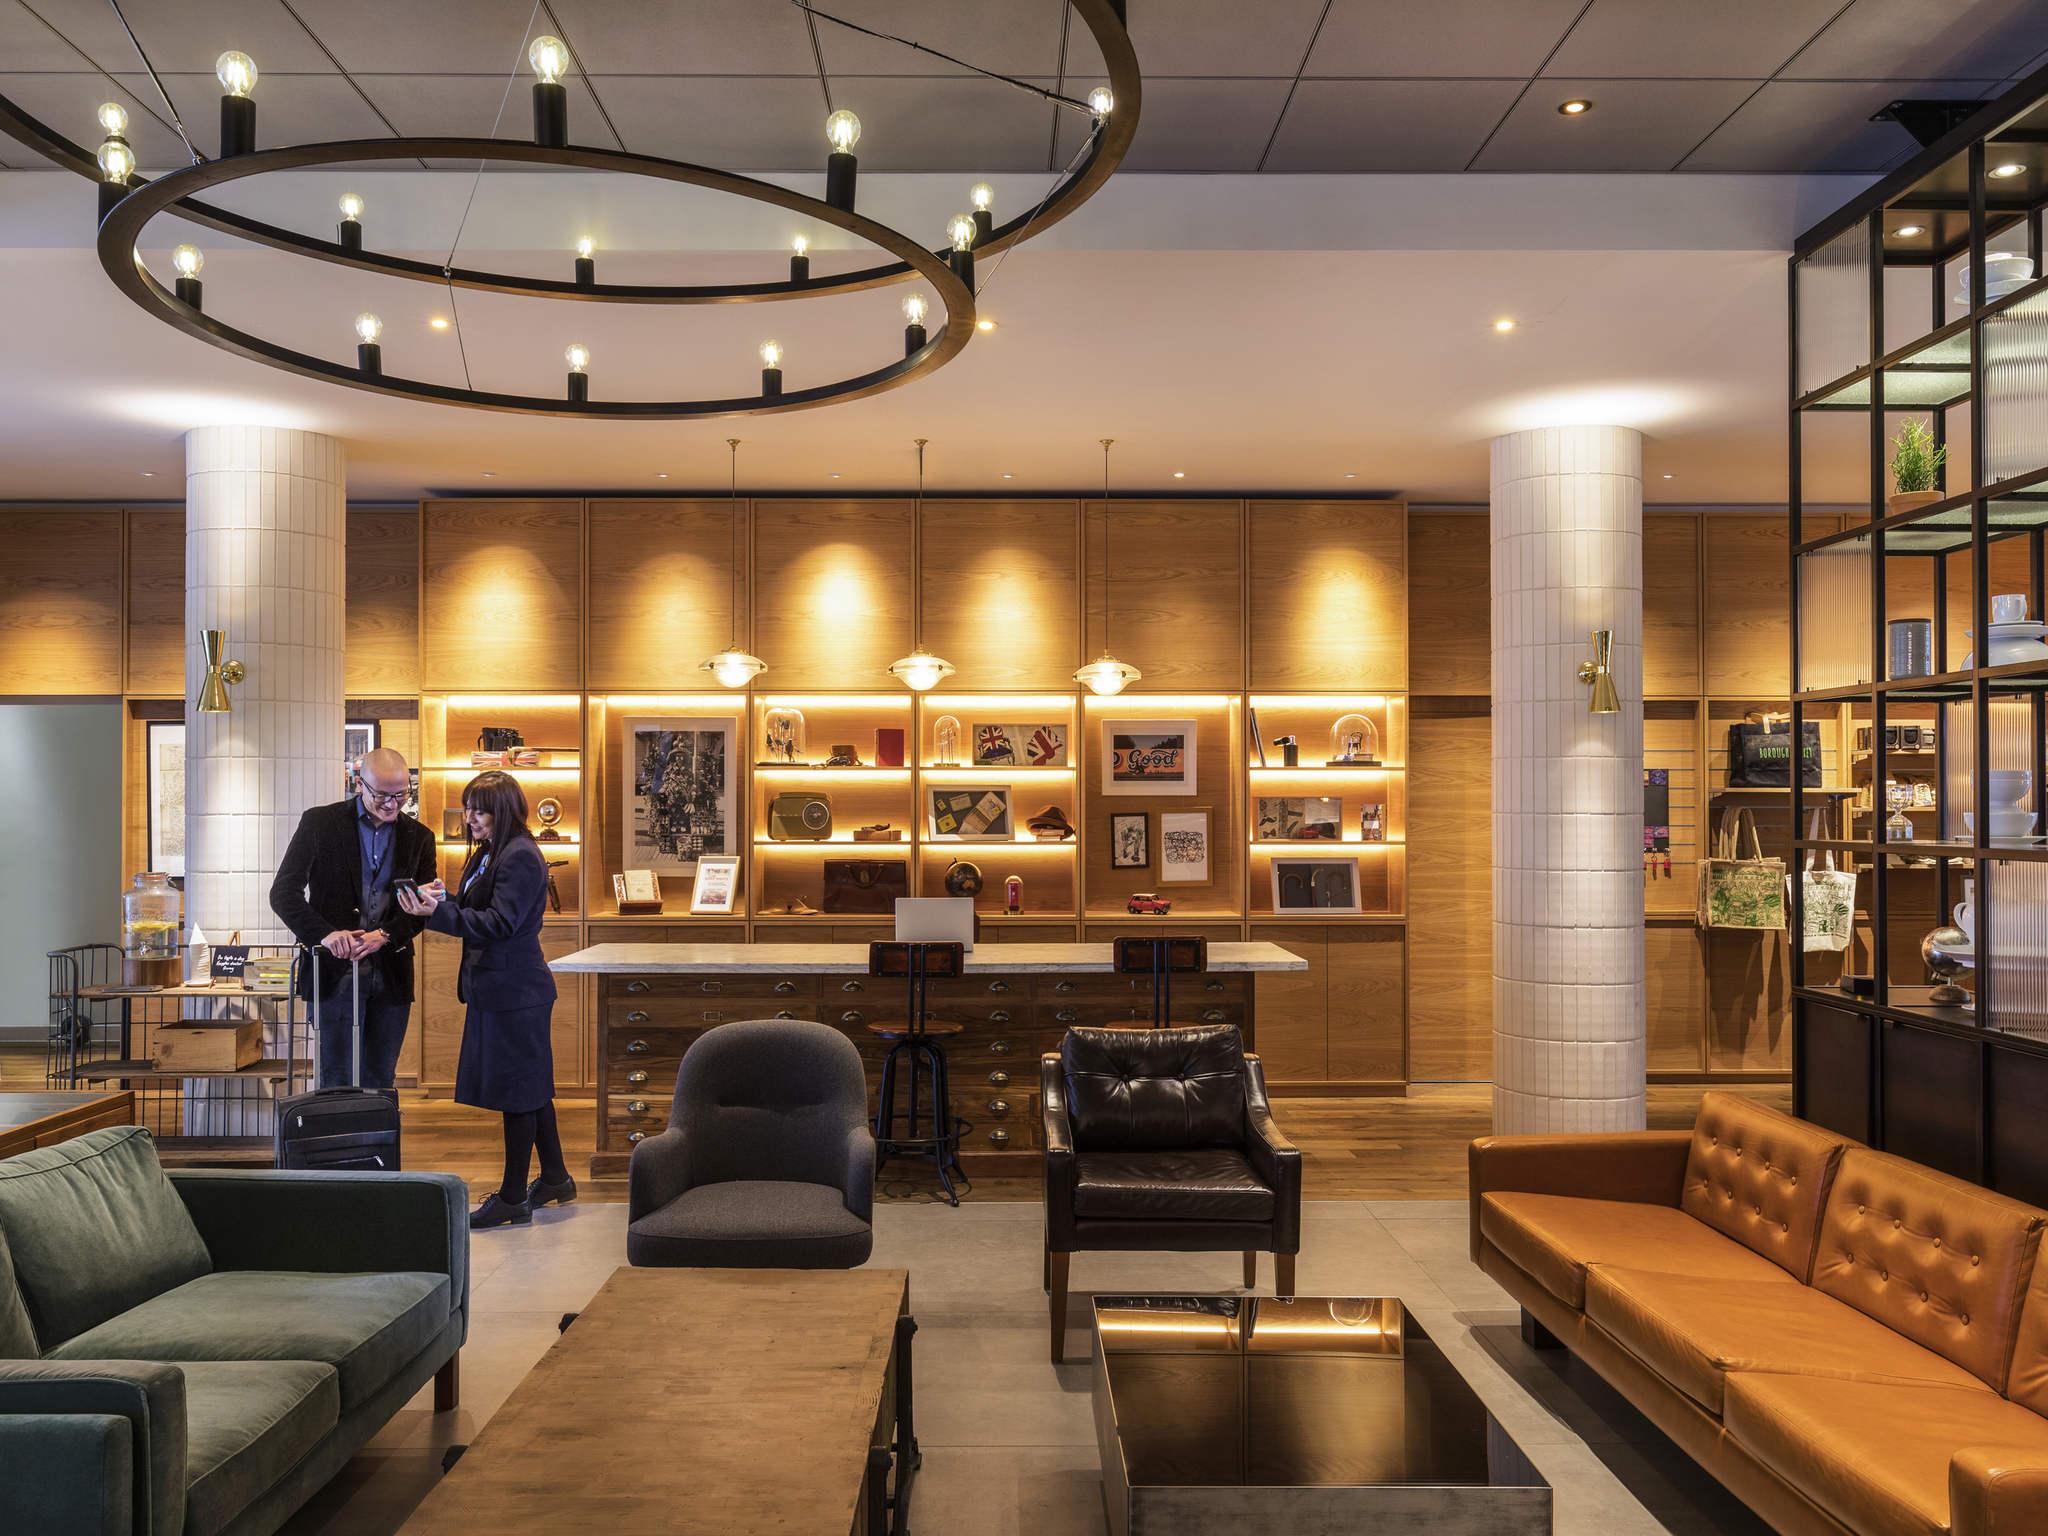 โรงแรม – โนโวเทล ลอนดอน ซิตี้ เซาท์